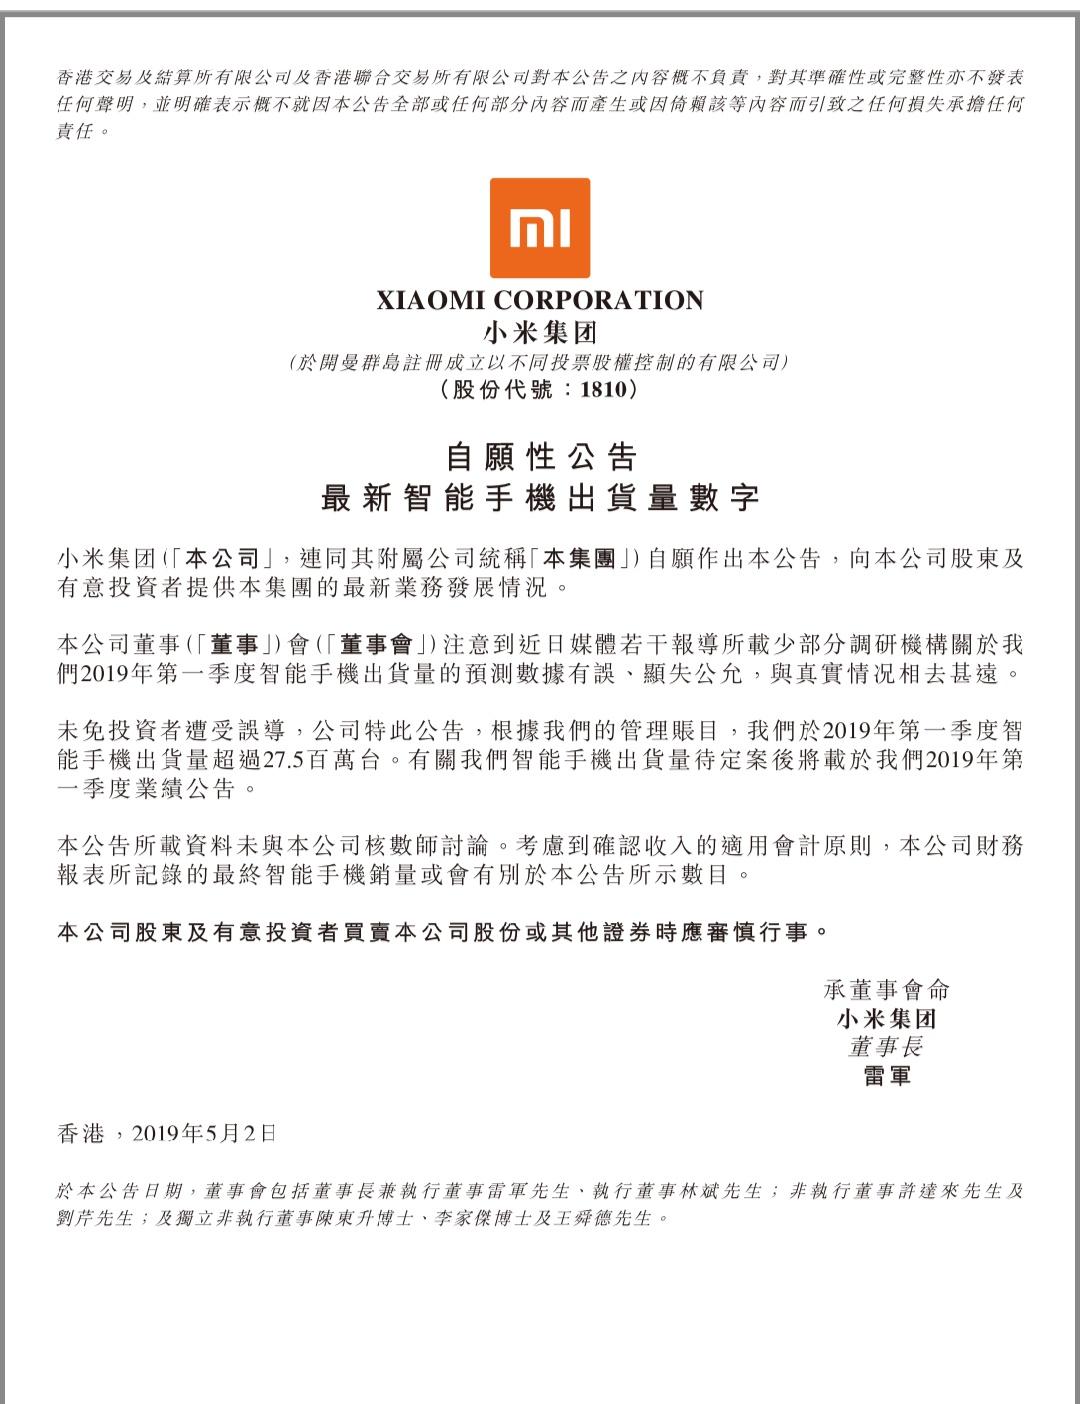 快讯|小米集团:第一季度手机出货量超2750万台